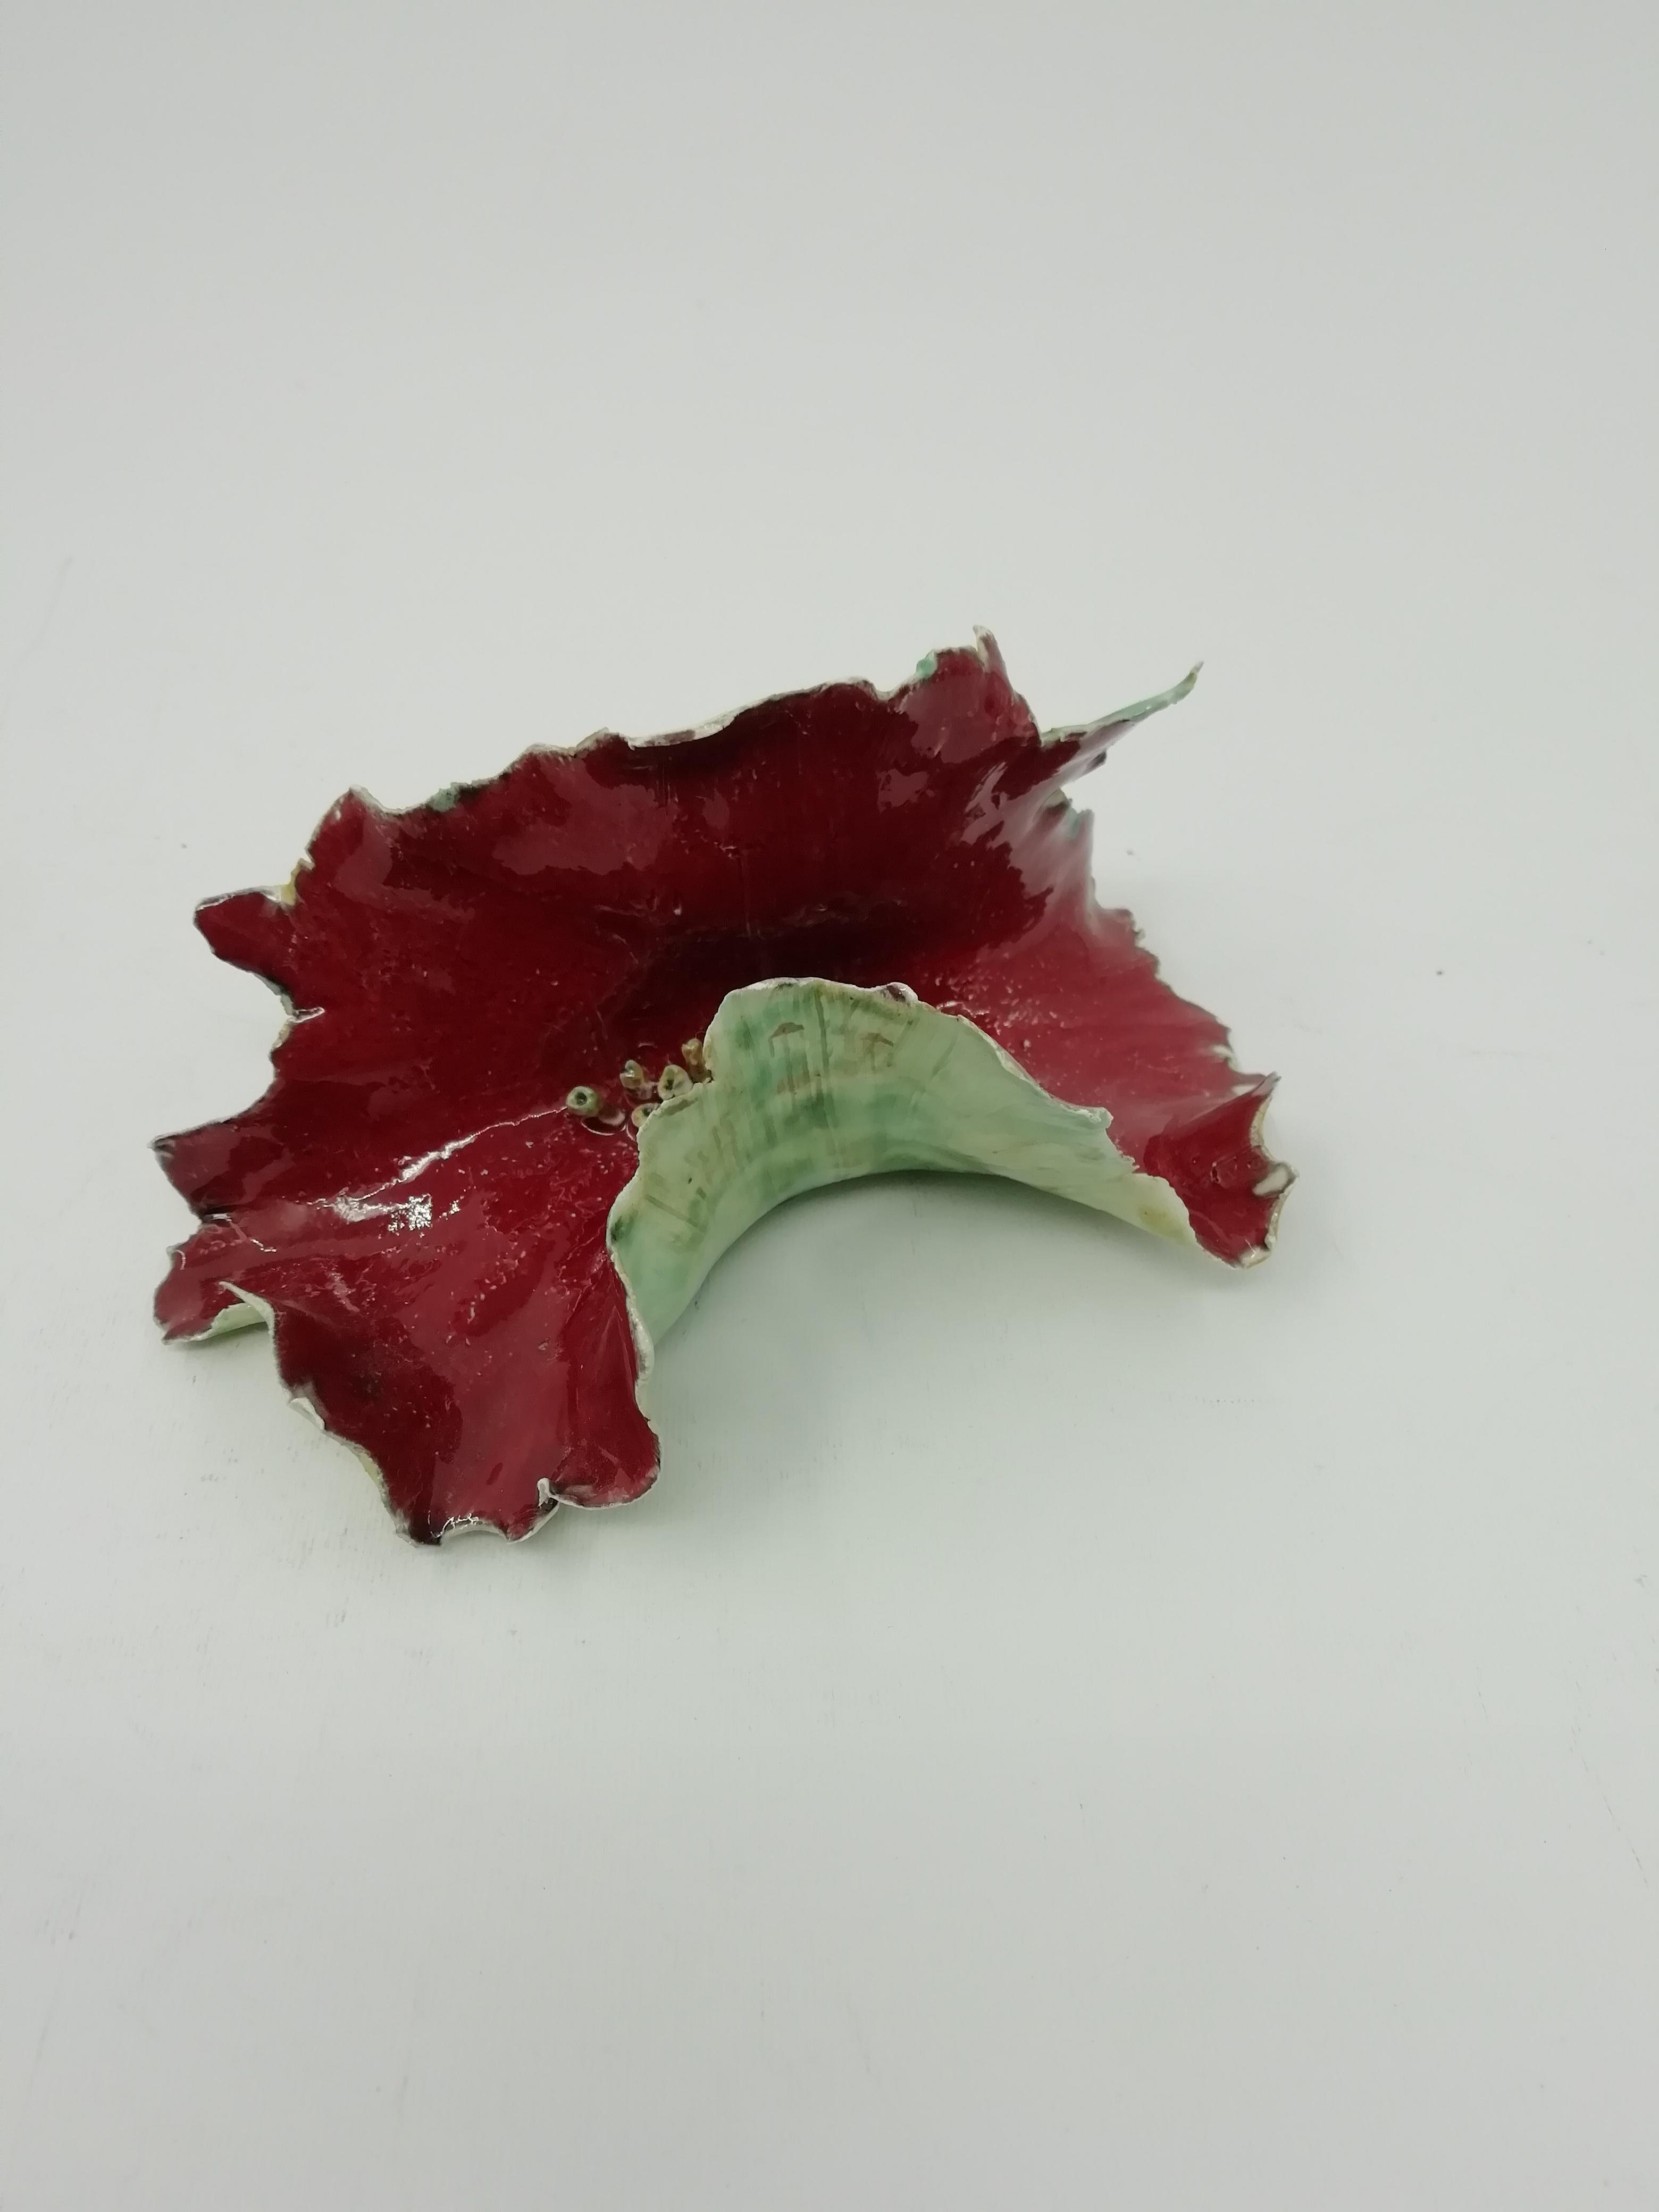 Foglia Rosso Scuro Alga